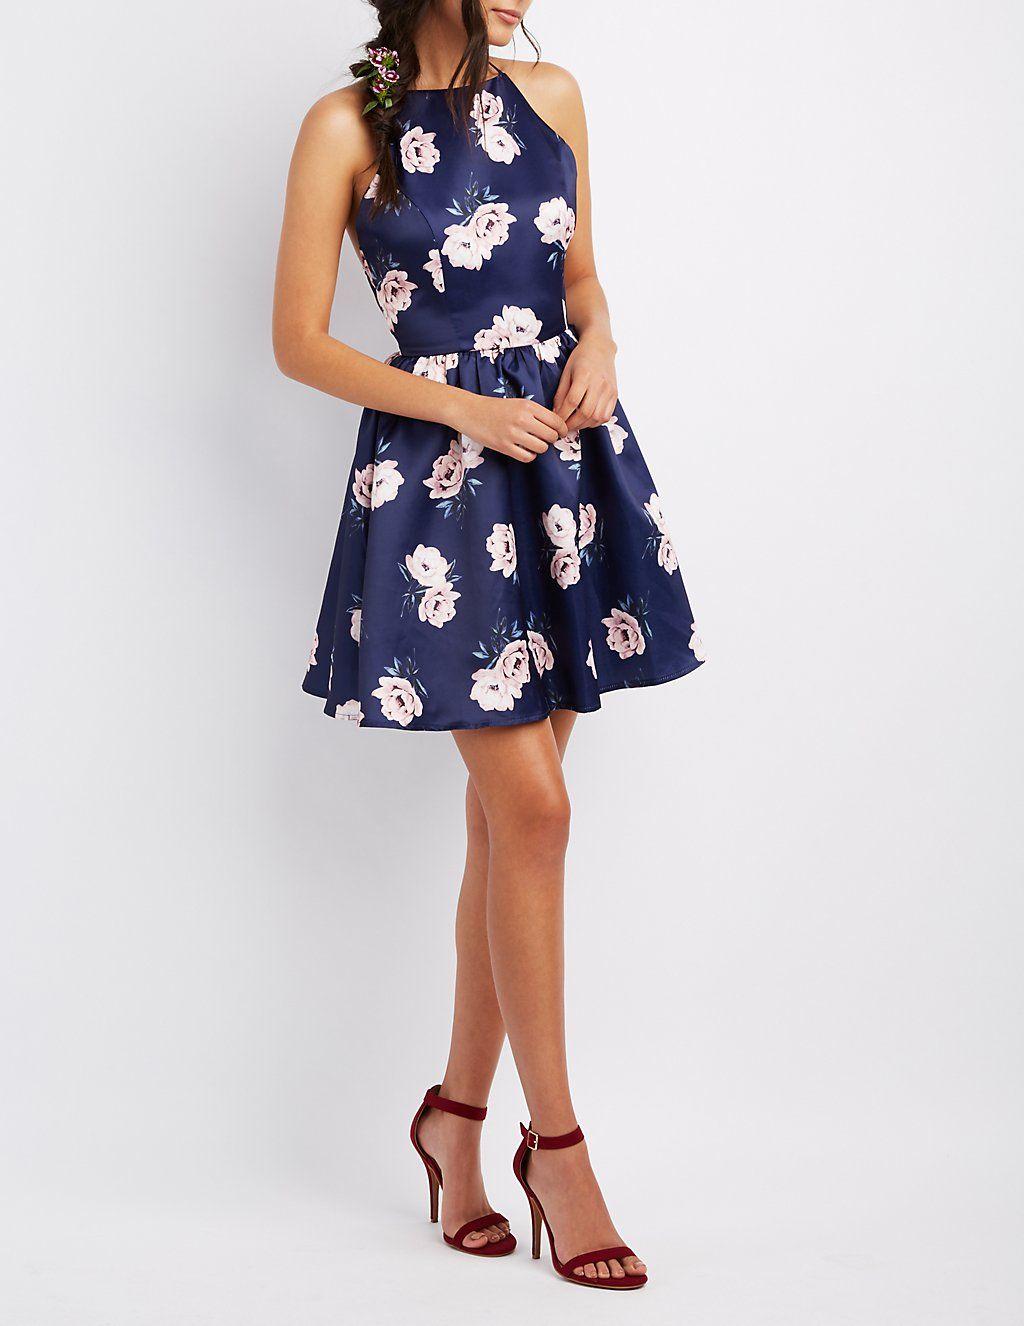 Floral Bib Neck Backless Skater Dress Charlotte Russe Fancy Attire Spring Fling Dress Dresses For Teens [ 1326 x 1024 Pixel ]